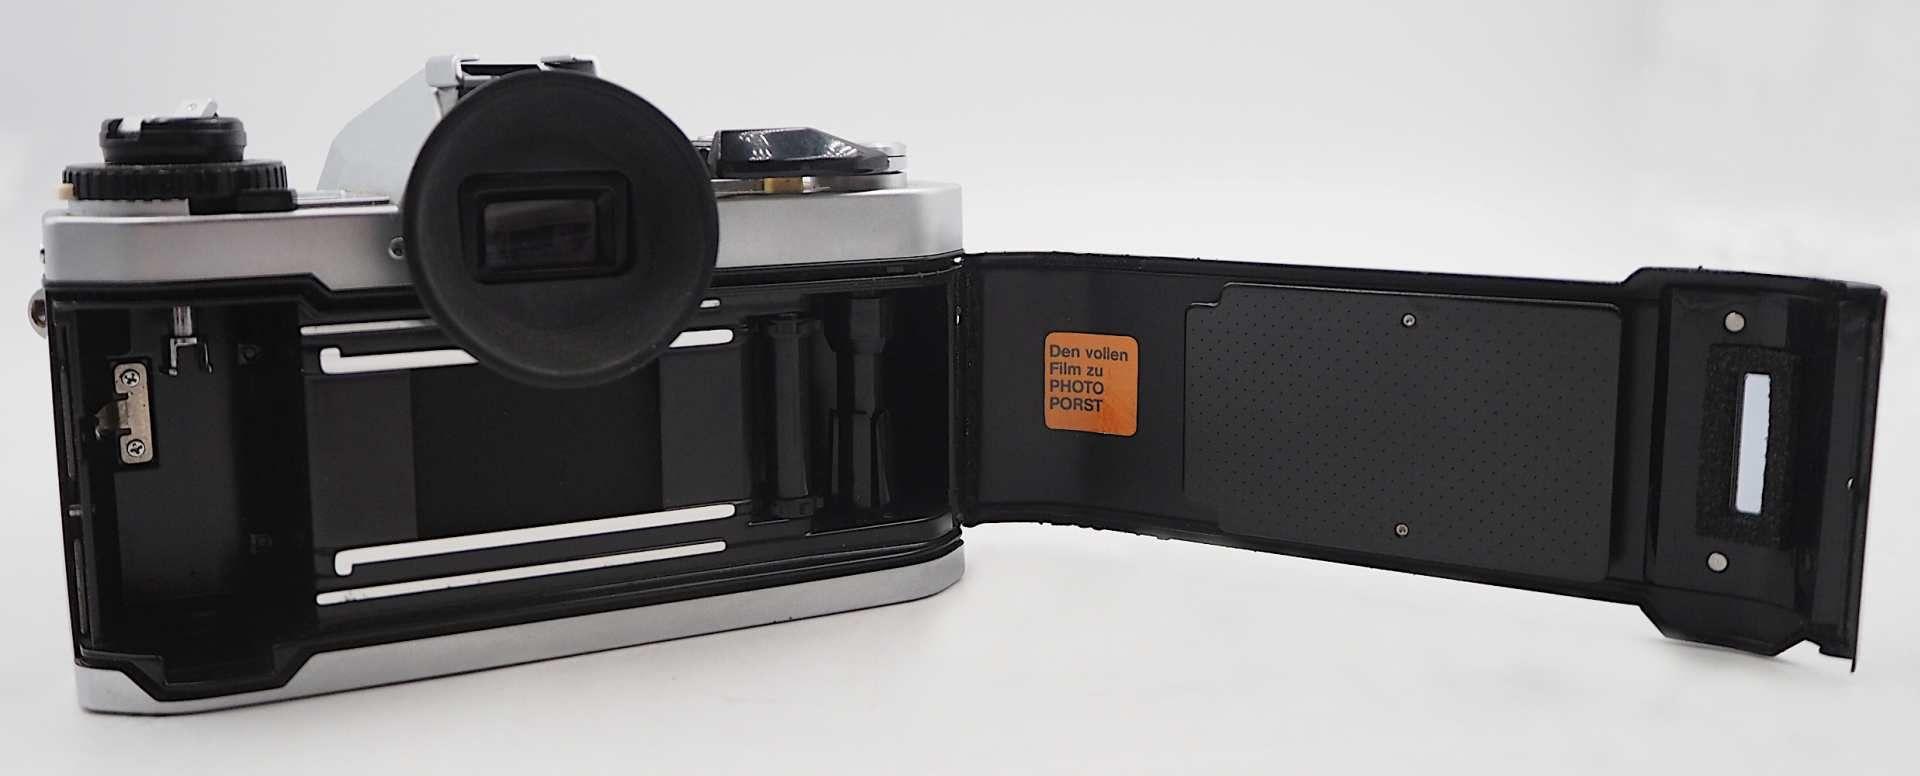 """1 Fotoapparat PORST """"CR-3 Automatic"""" mit Objektiv PORST """"Unizoom 1:3,5-4,5/35-70mm Mac - Bild 6 aus 6"""